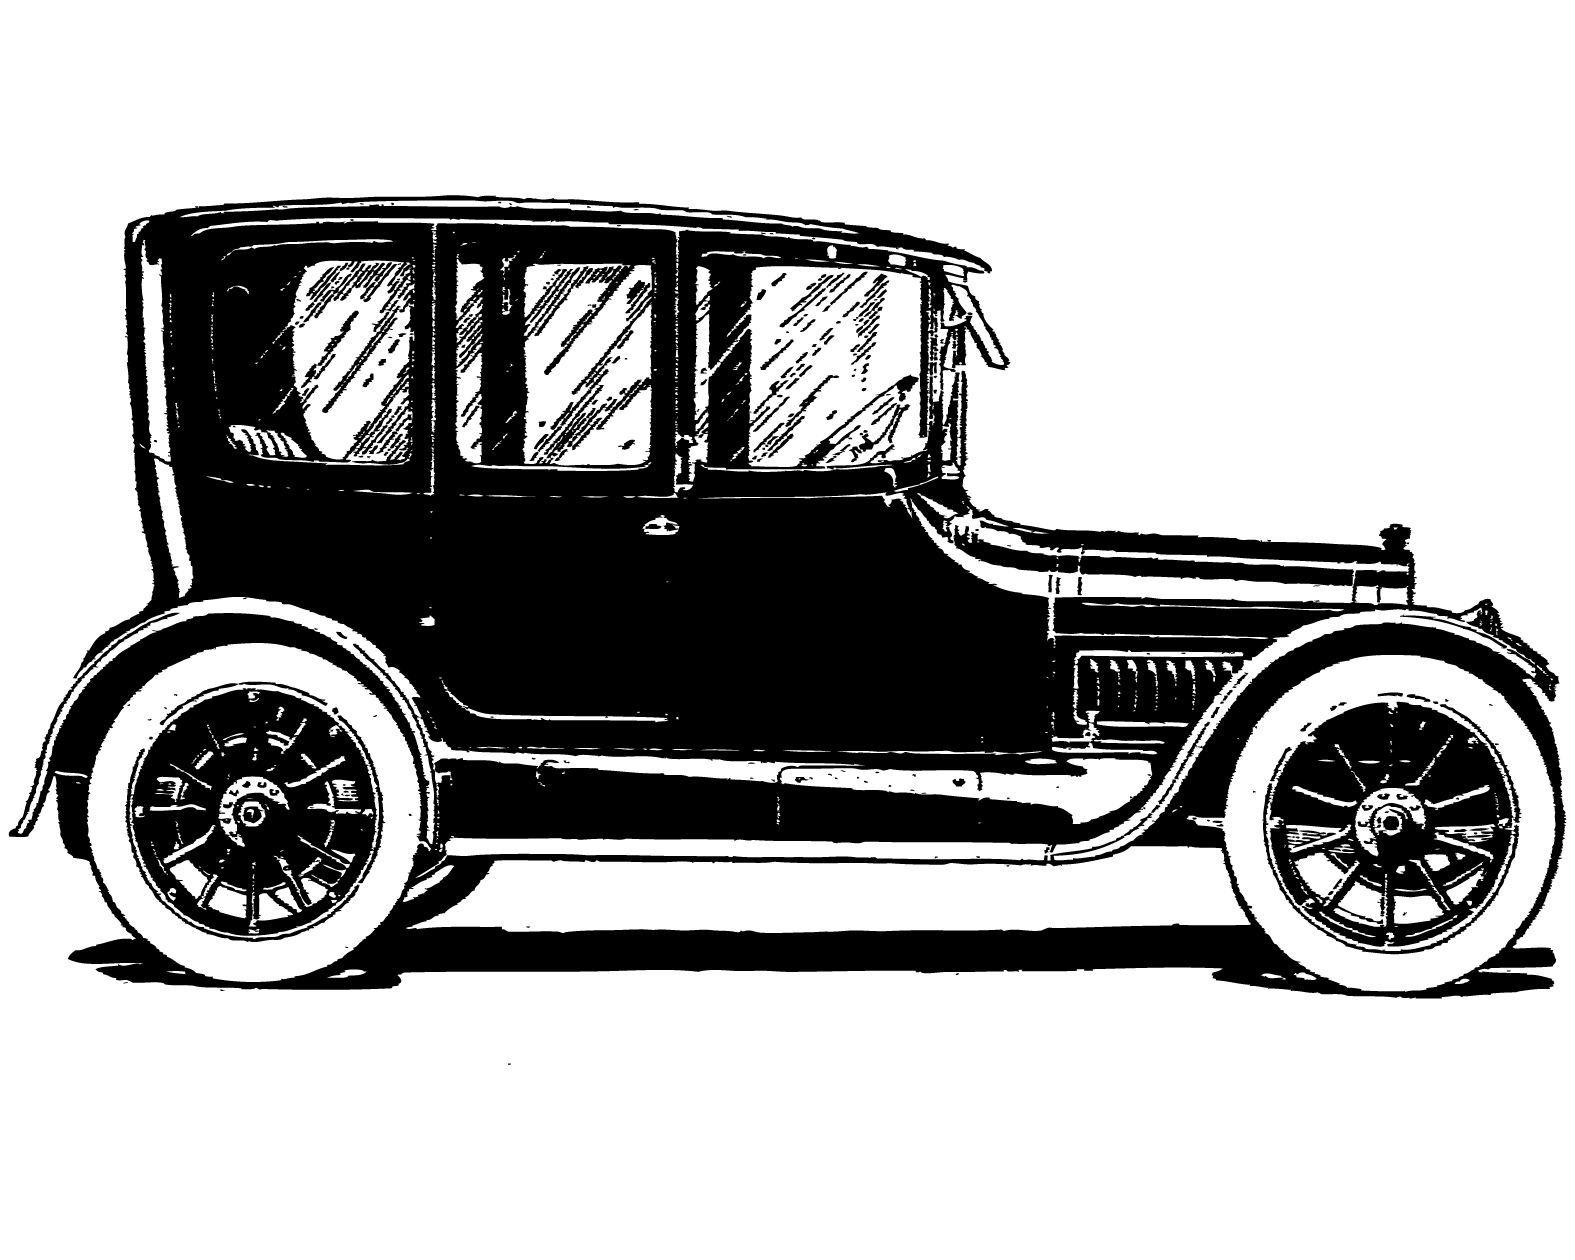 Vintage automotive clipart black and white Vintage car clipart free » Clipart Portal black and white